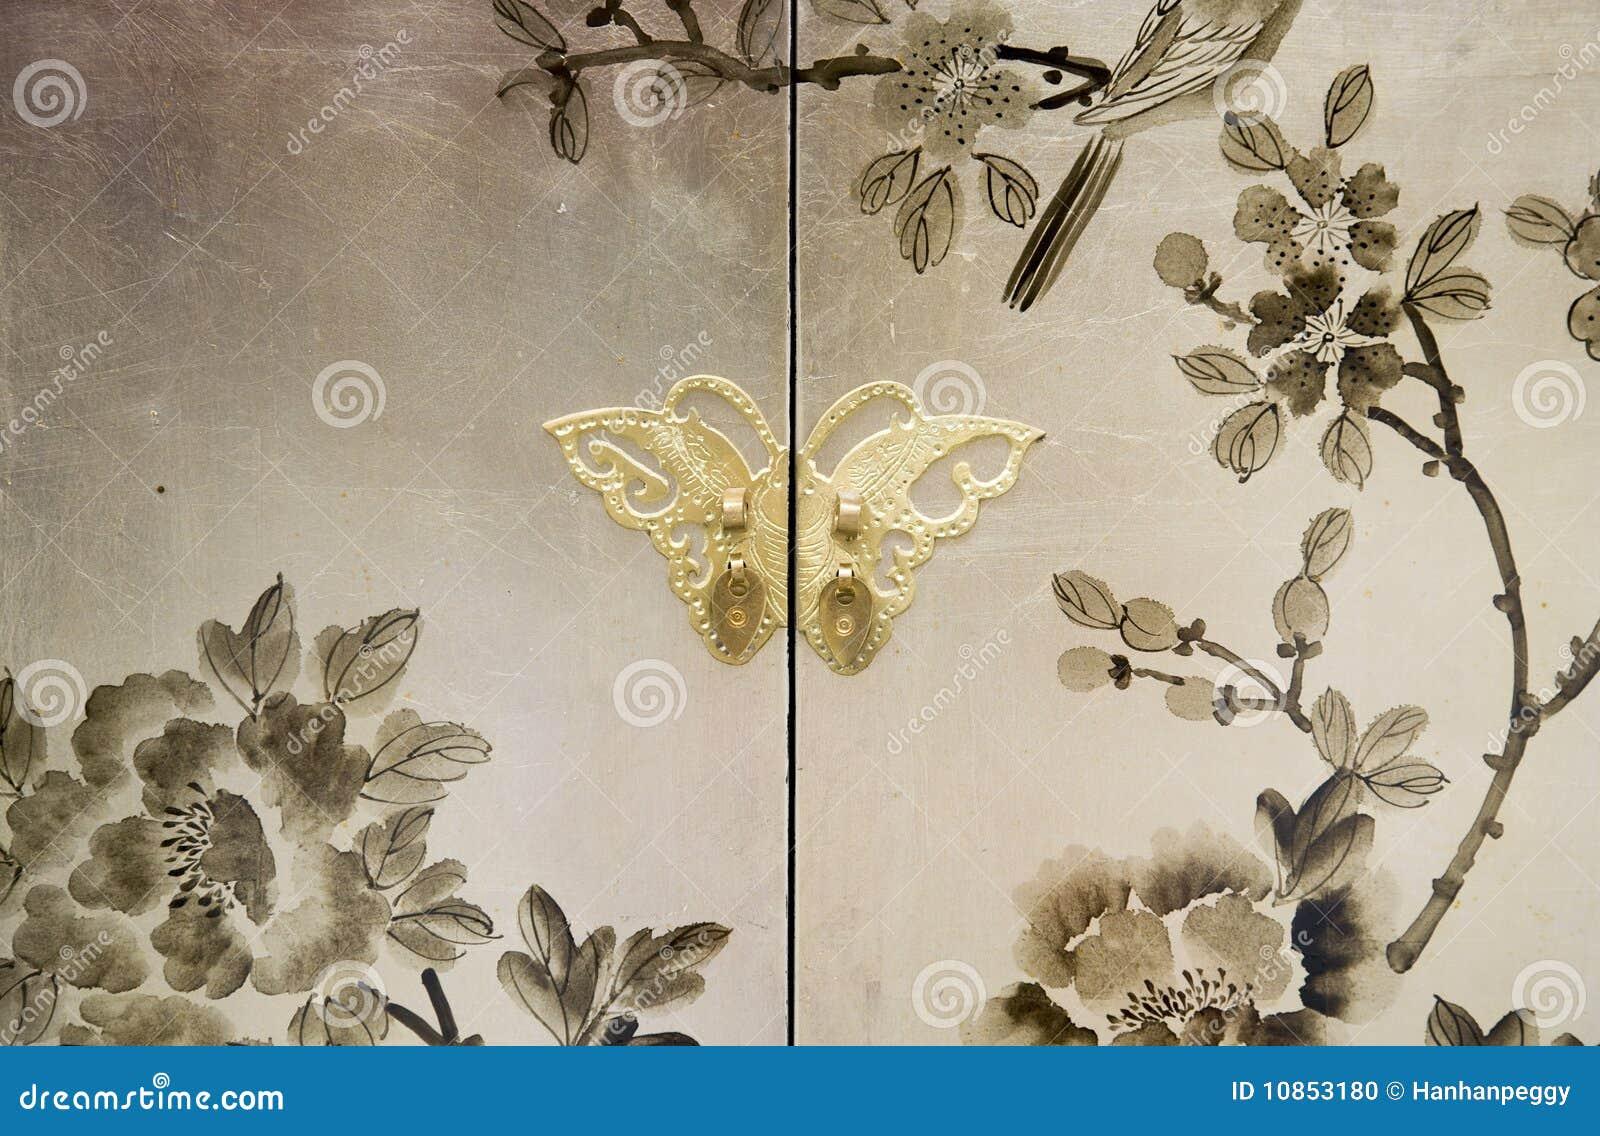 Peinture d corative sur des meubles photo stock image - Peinture decorative meuble ...